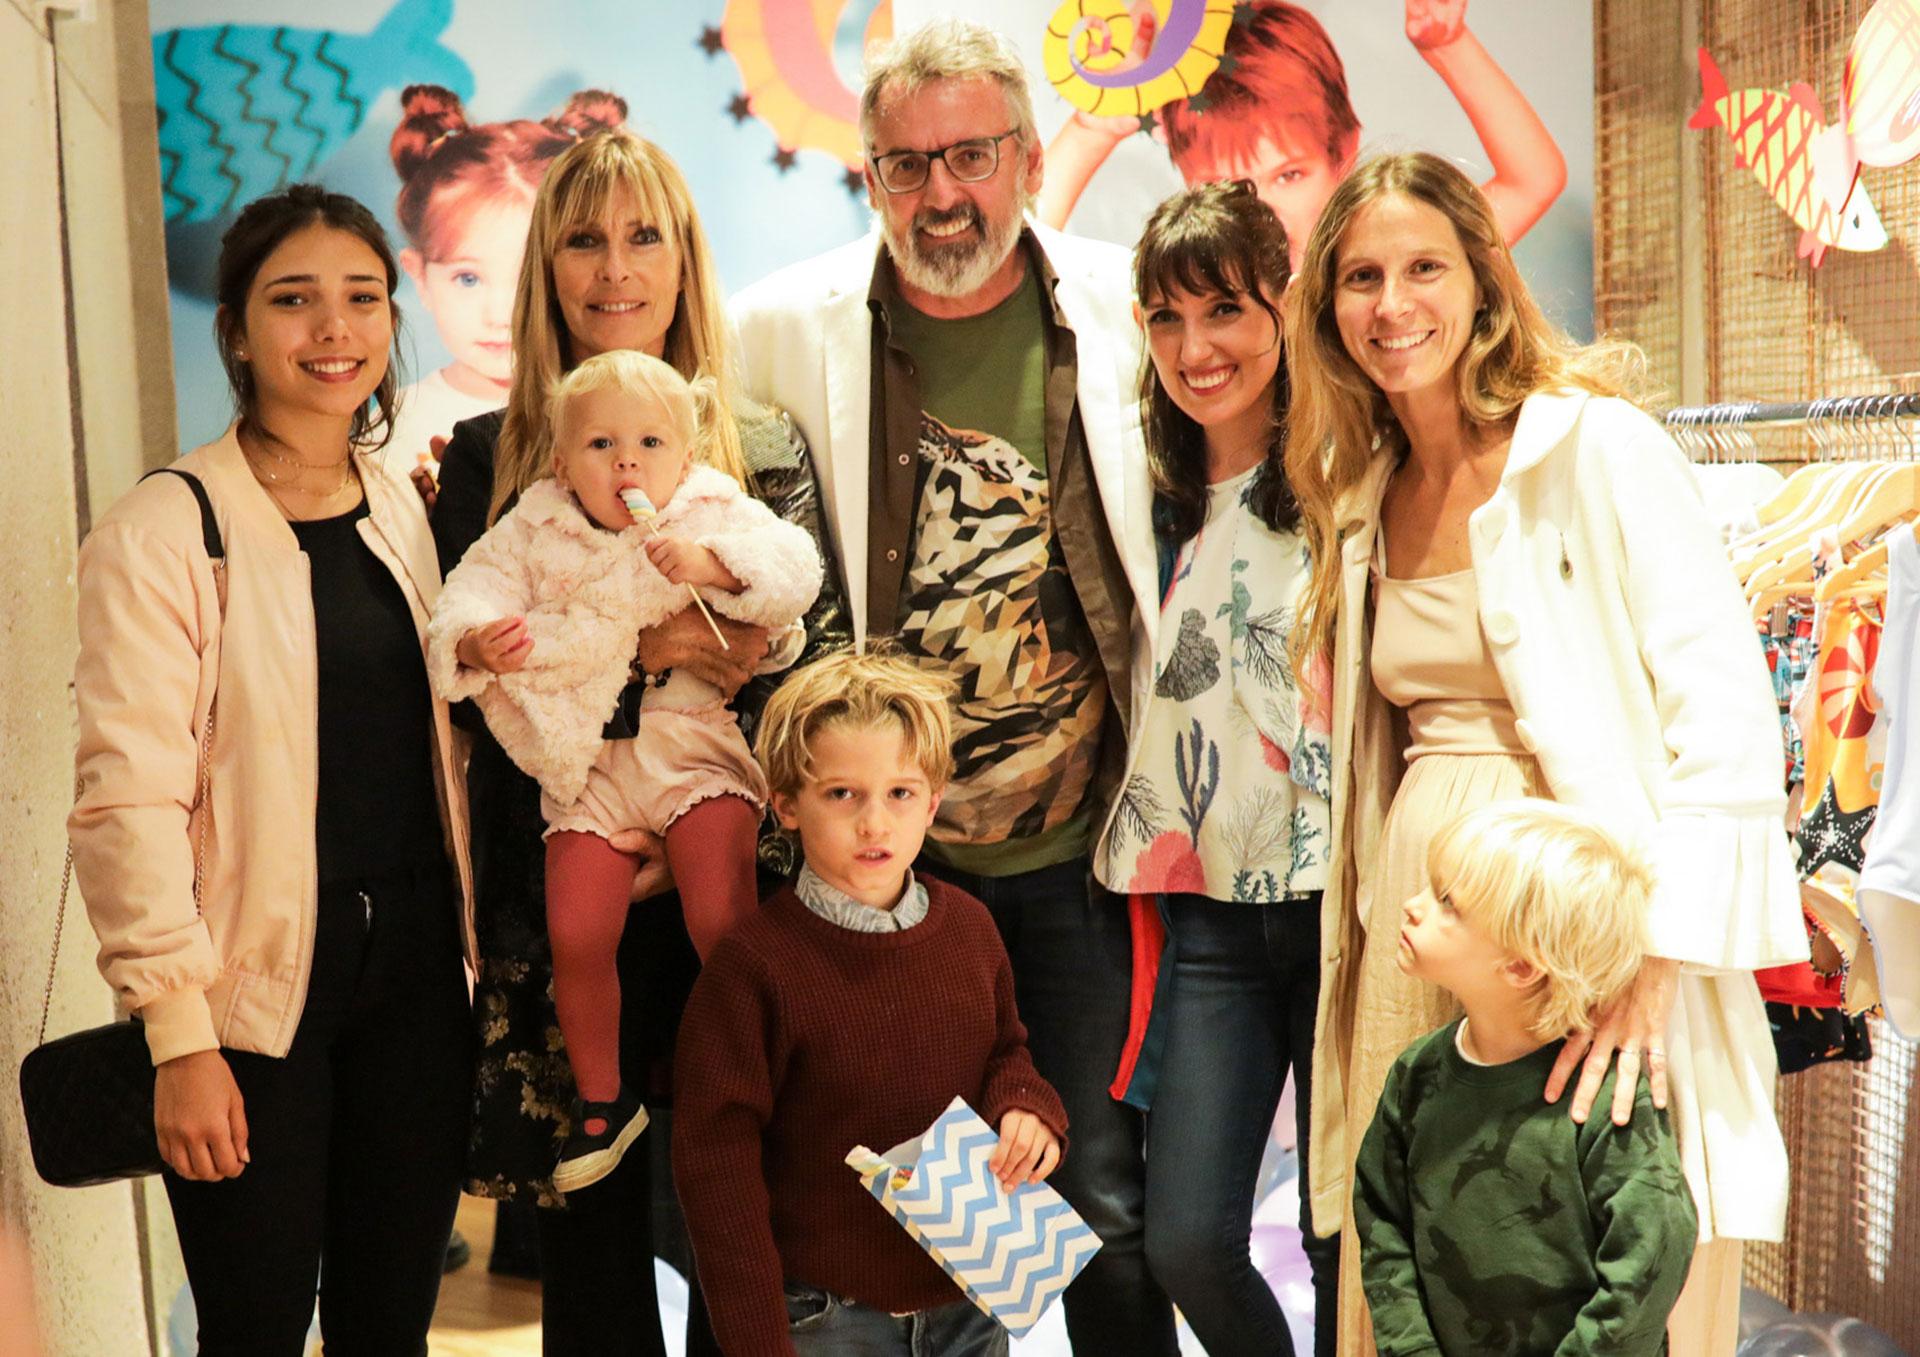 Benito y Marina con Virginia Elizalde y su hija Angie y sus nietos Rufino, Tito y Filippa Podesta.